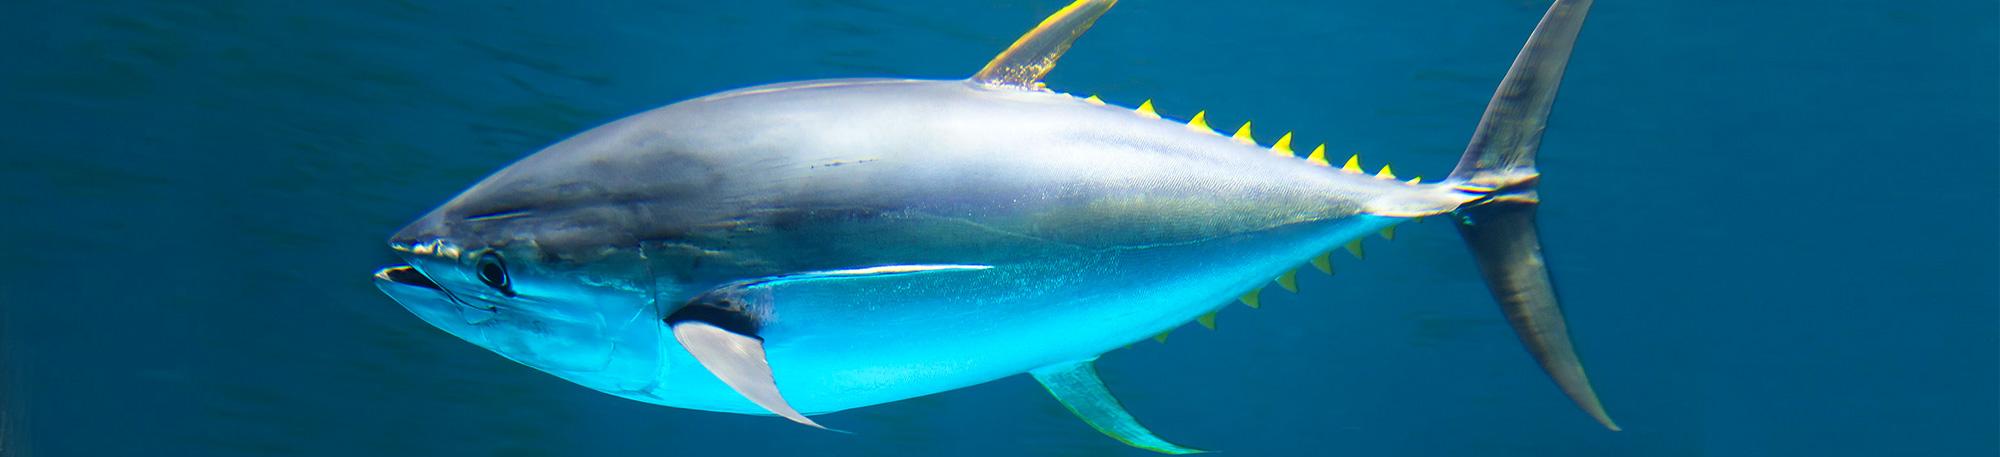 Quali sono le specie di tonno usate per il tonno in scatola? Dove viene pescato?